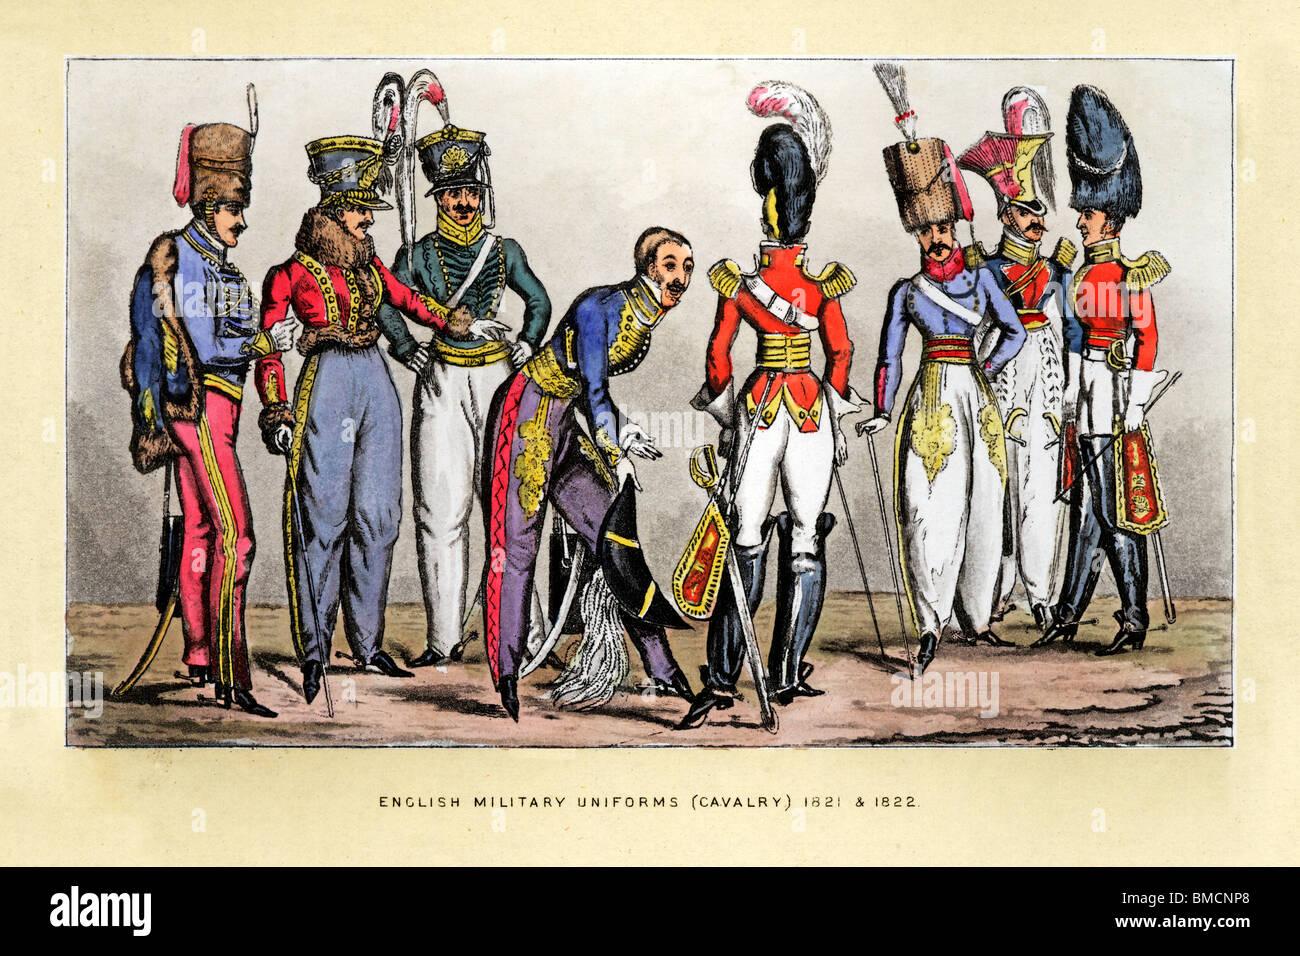 Englische Kavallerie Uniformen, drucken 1822 der schicken Uniformen der Offiziere paradieren ihrem Putz zueinander Stockbild